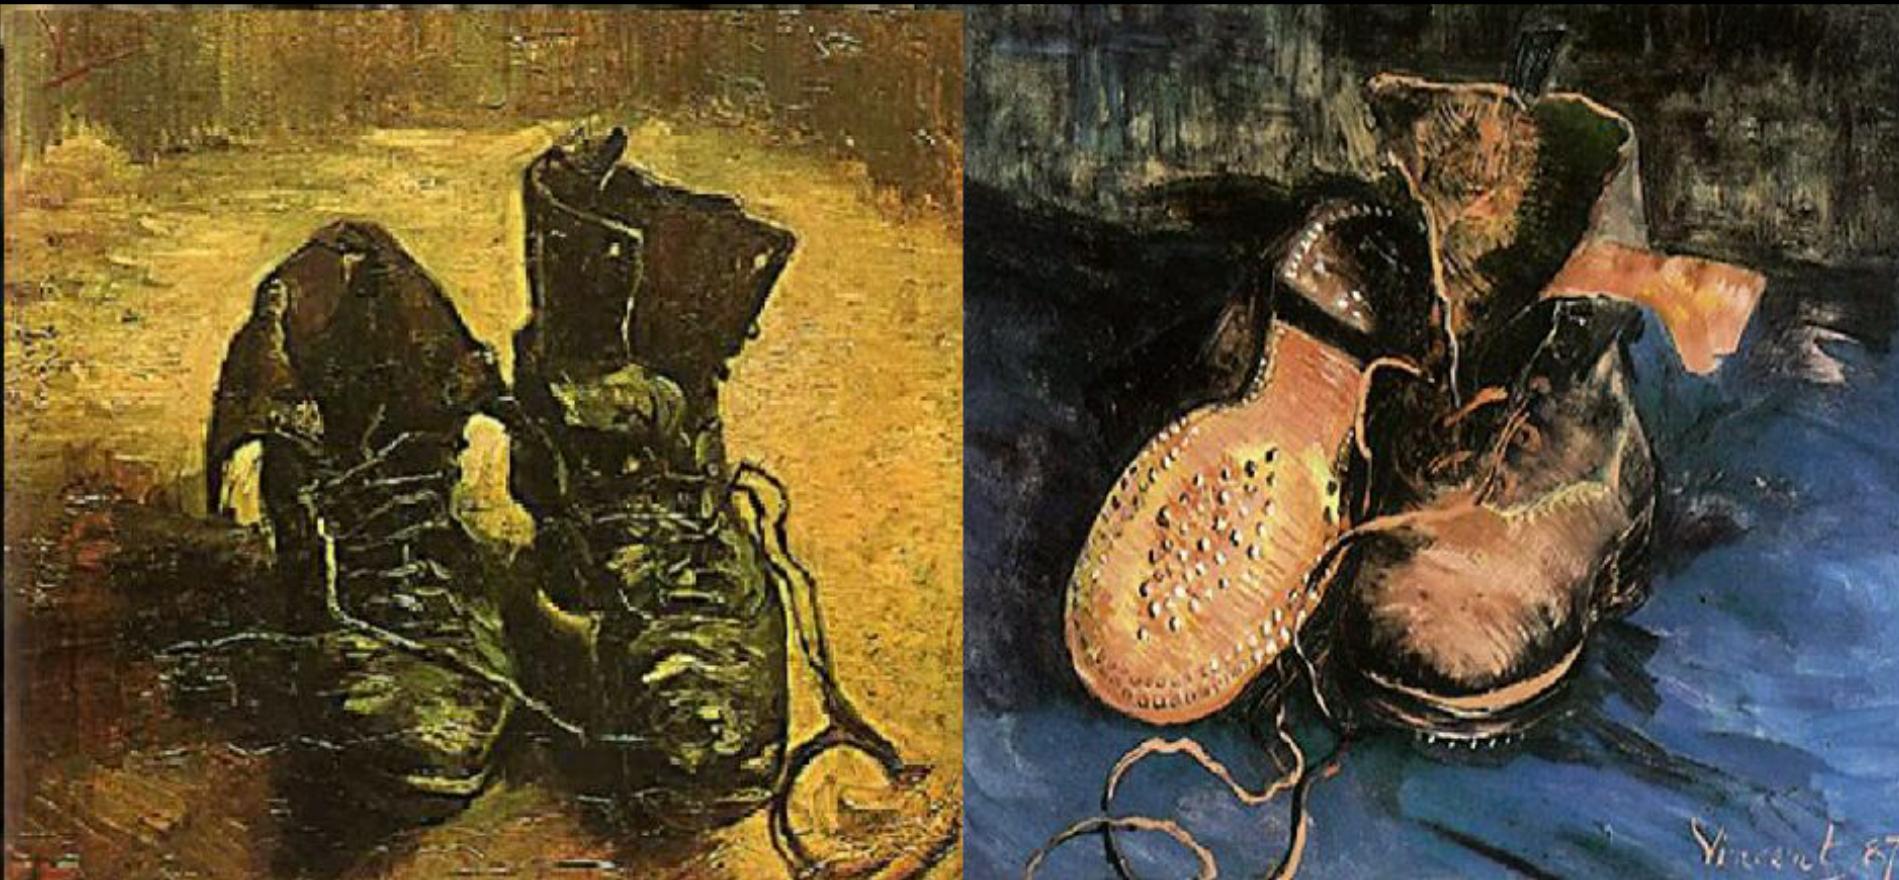 الجزء الثالث و الأخير : « أحذيةٌ وأزهارُ عبّاد شمس…» قراءة سيميولوجية لست أعمال للفنان :ڤان غوغ  Van Gogh.